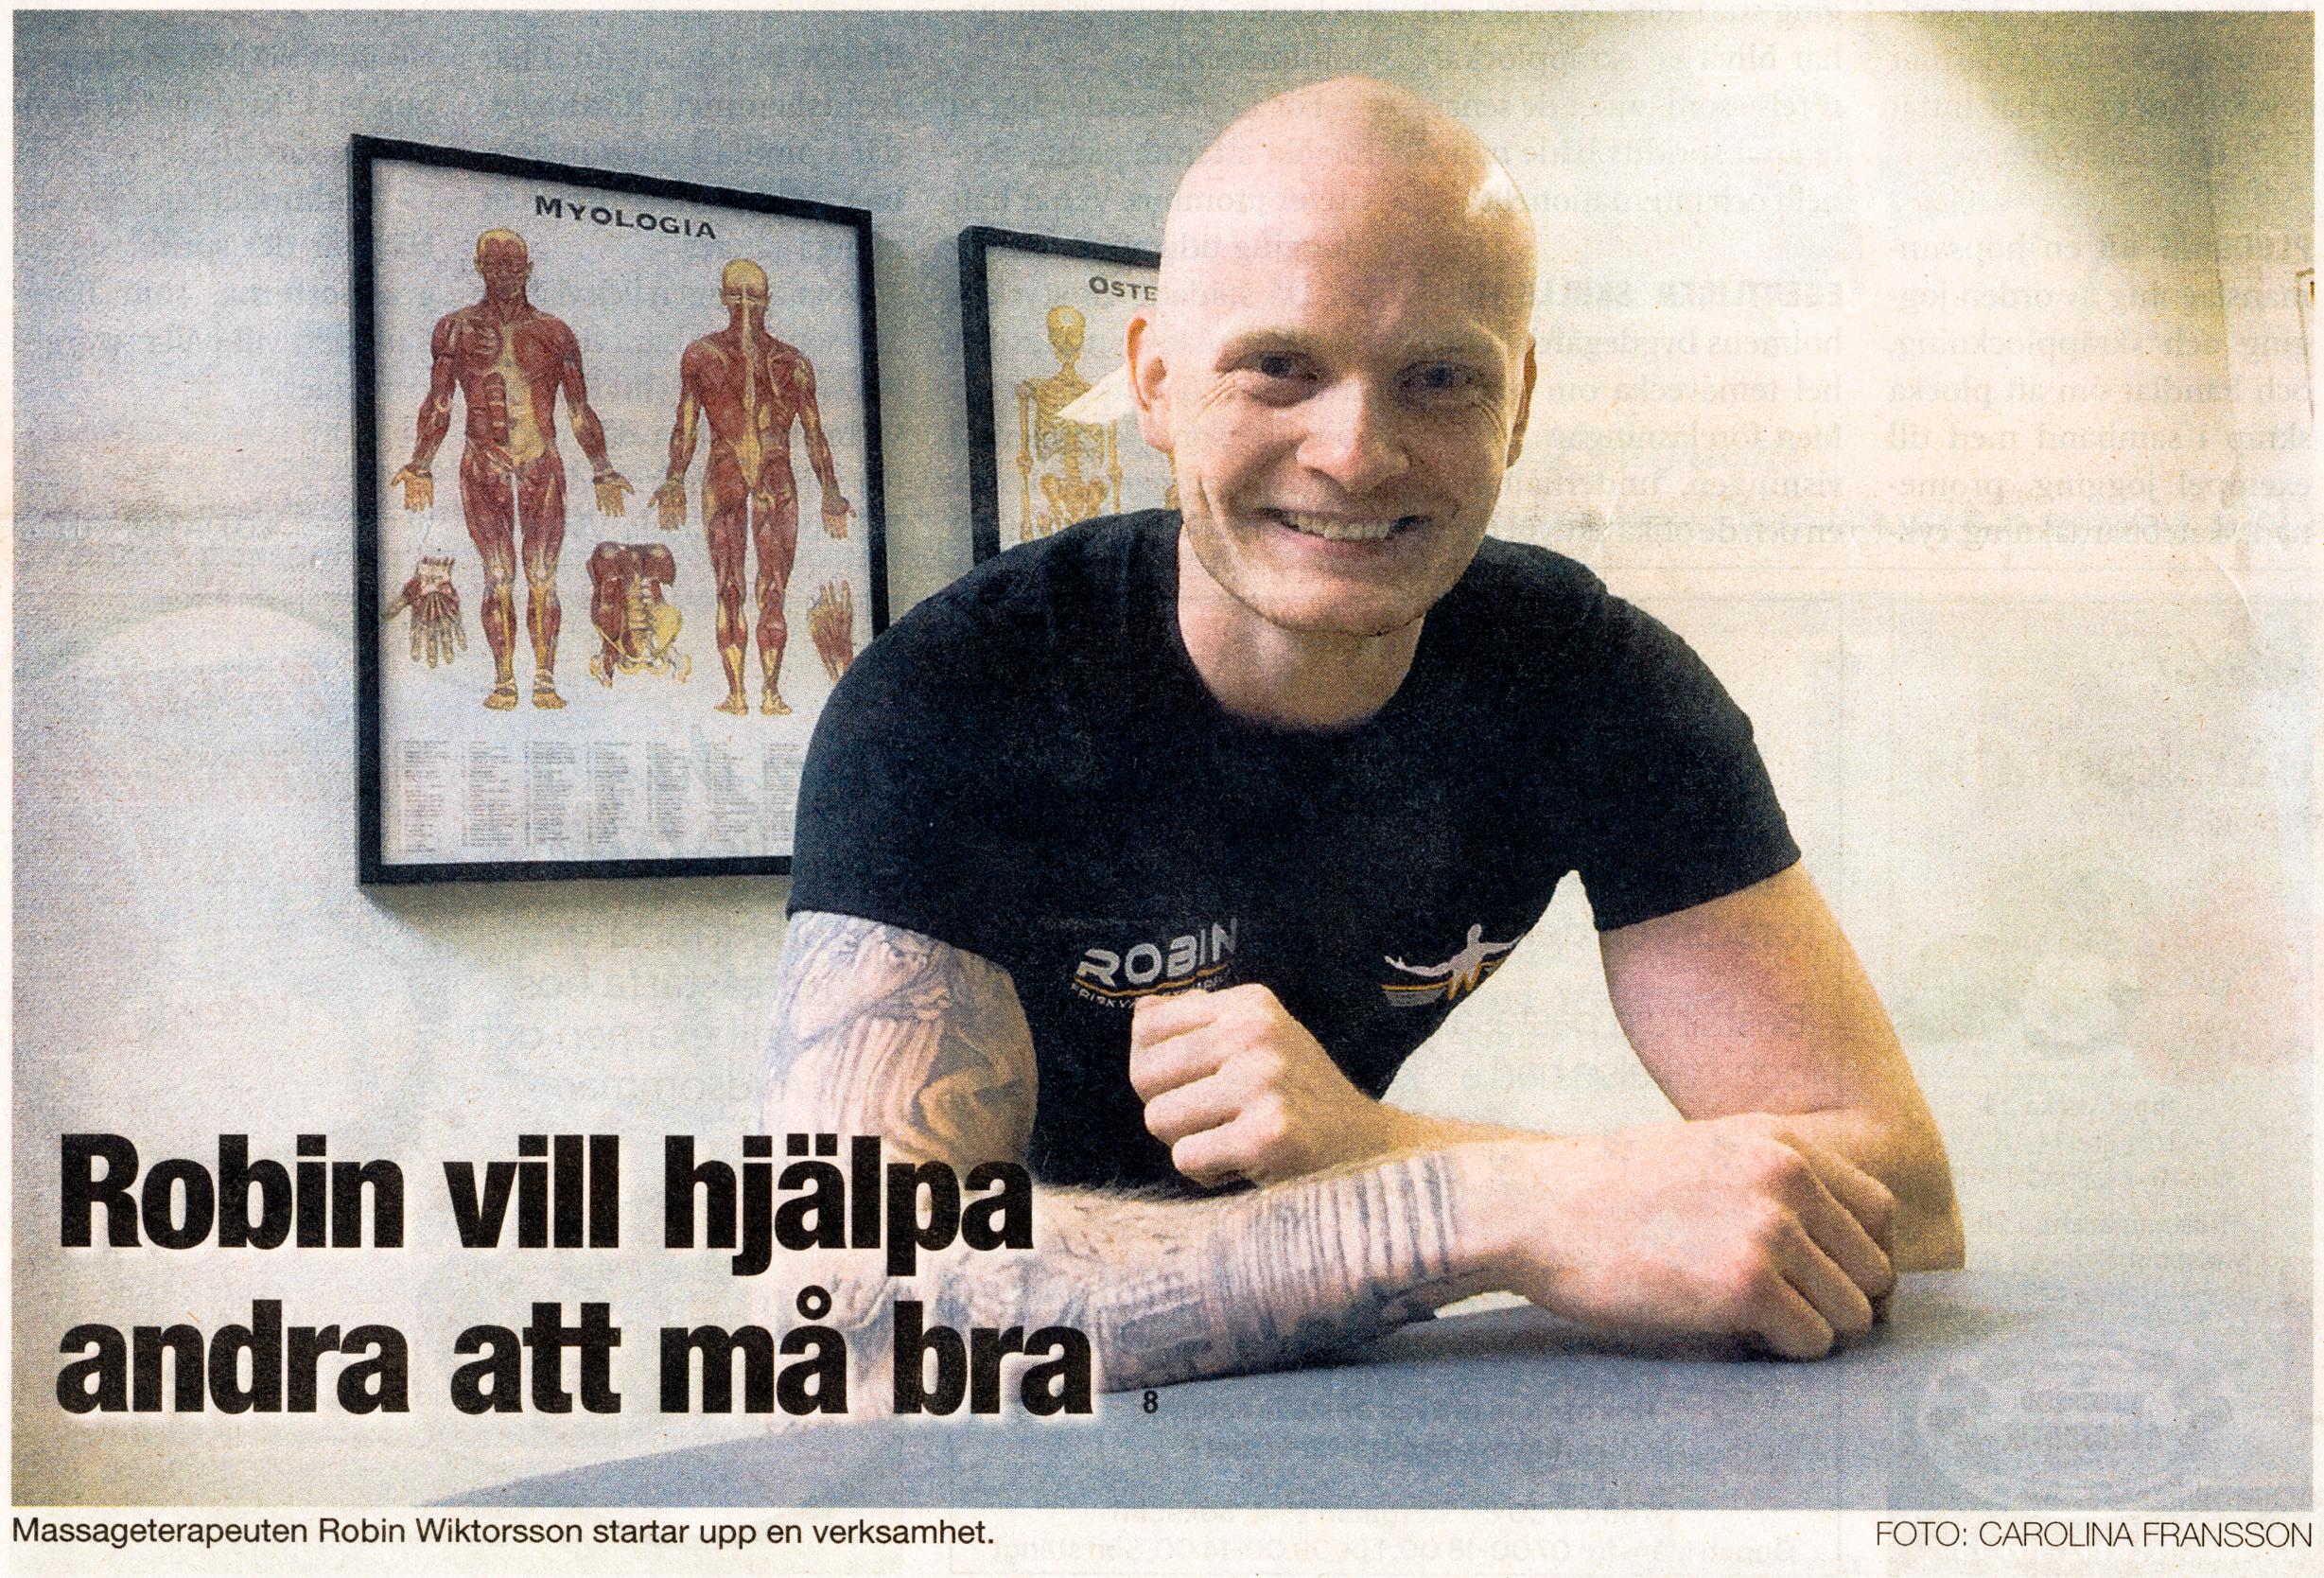 Östgötatidningen 10 Juni 2020, Artikel om Robin Wiktorsson på Wiktorssons Massage & Friskvård i Mjölby